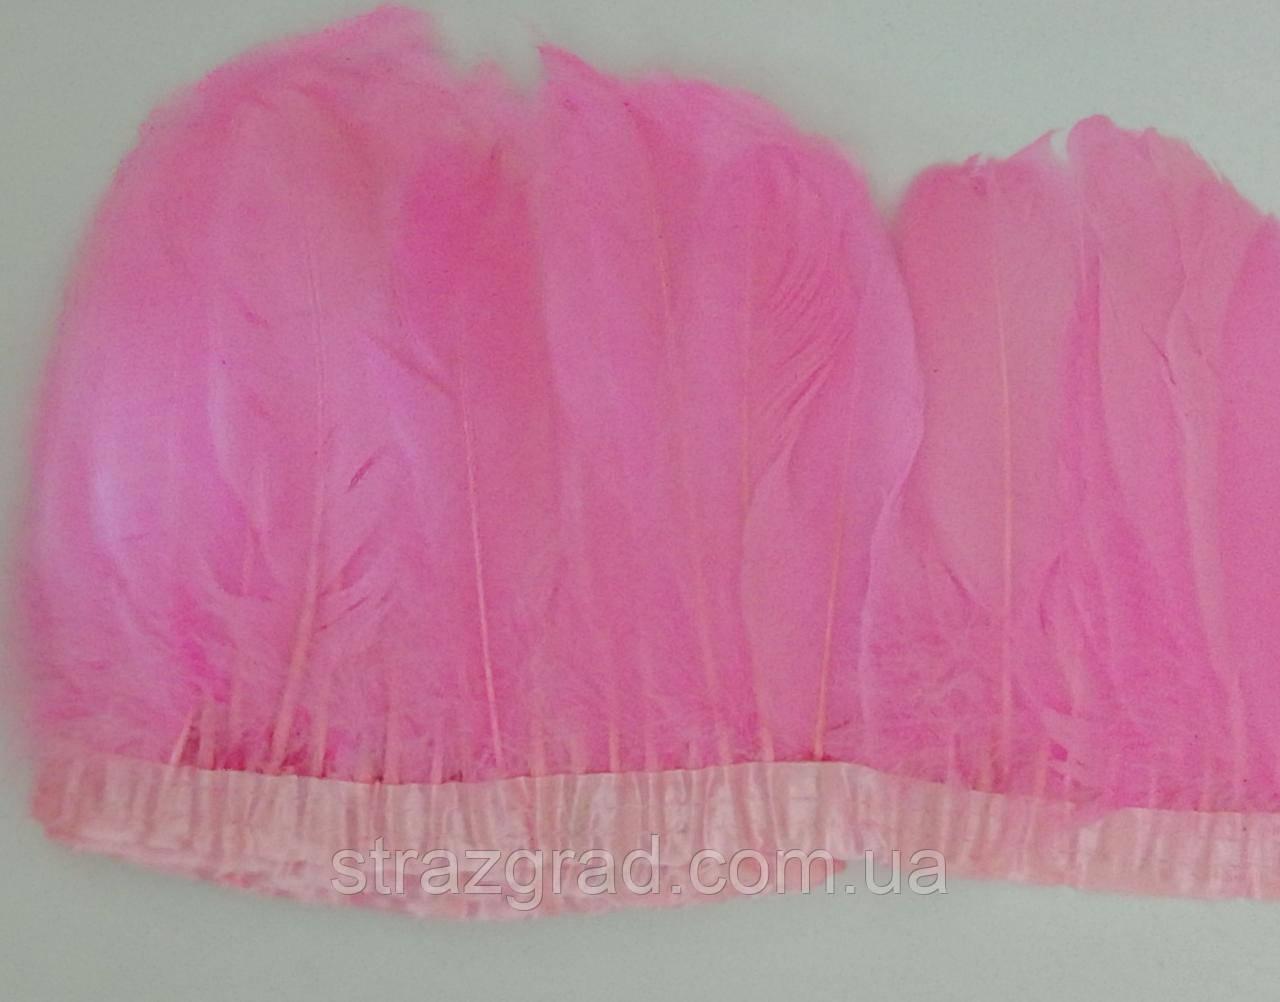 Перьевая тесьма из гусиных перьев Цвет Розовый Перо 16-20см Цена за 0,5м